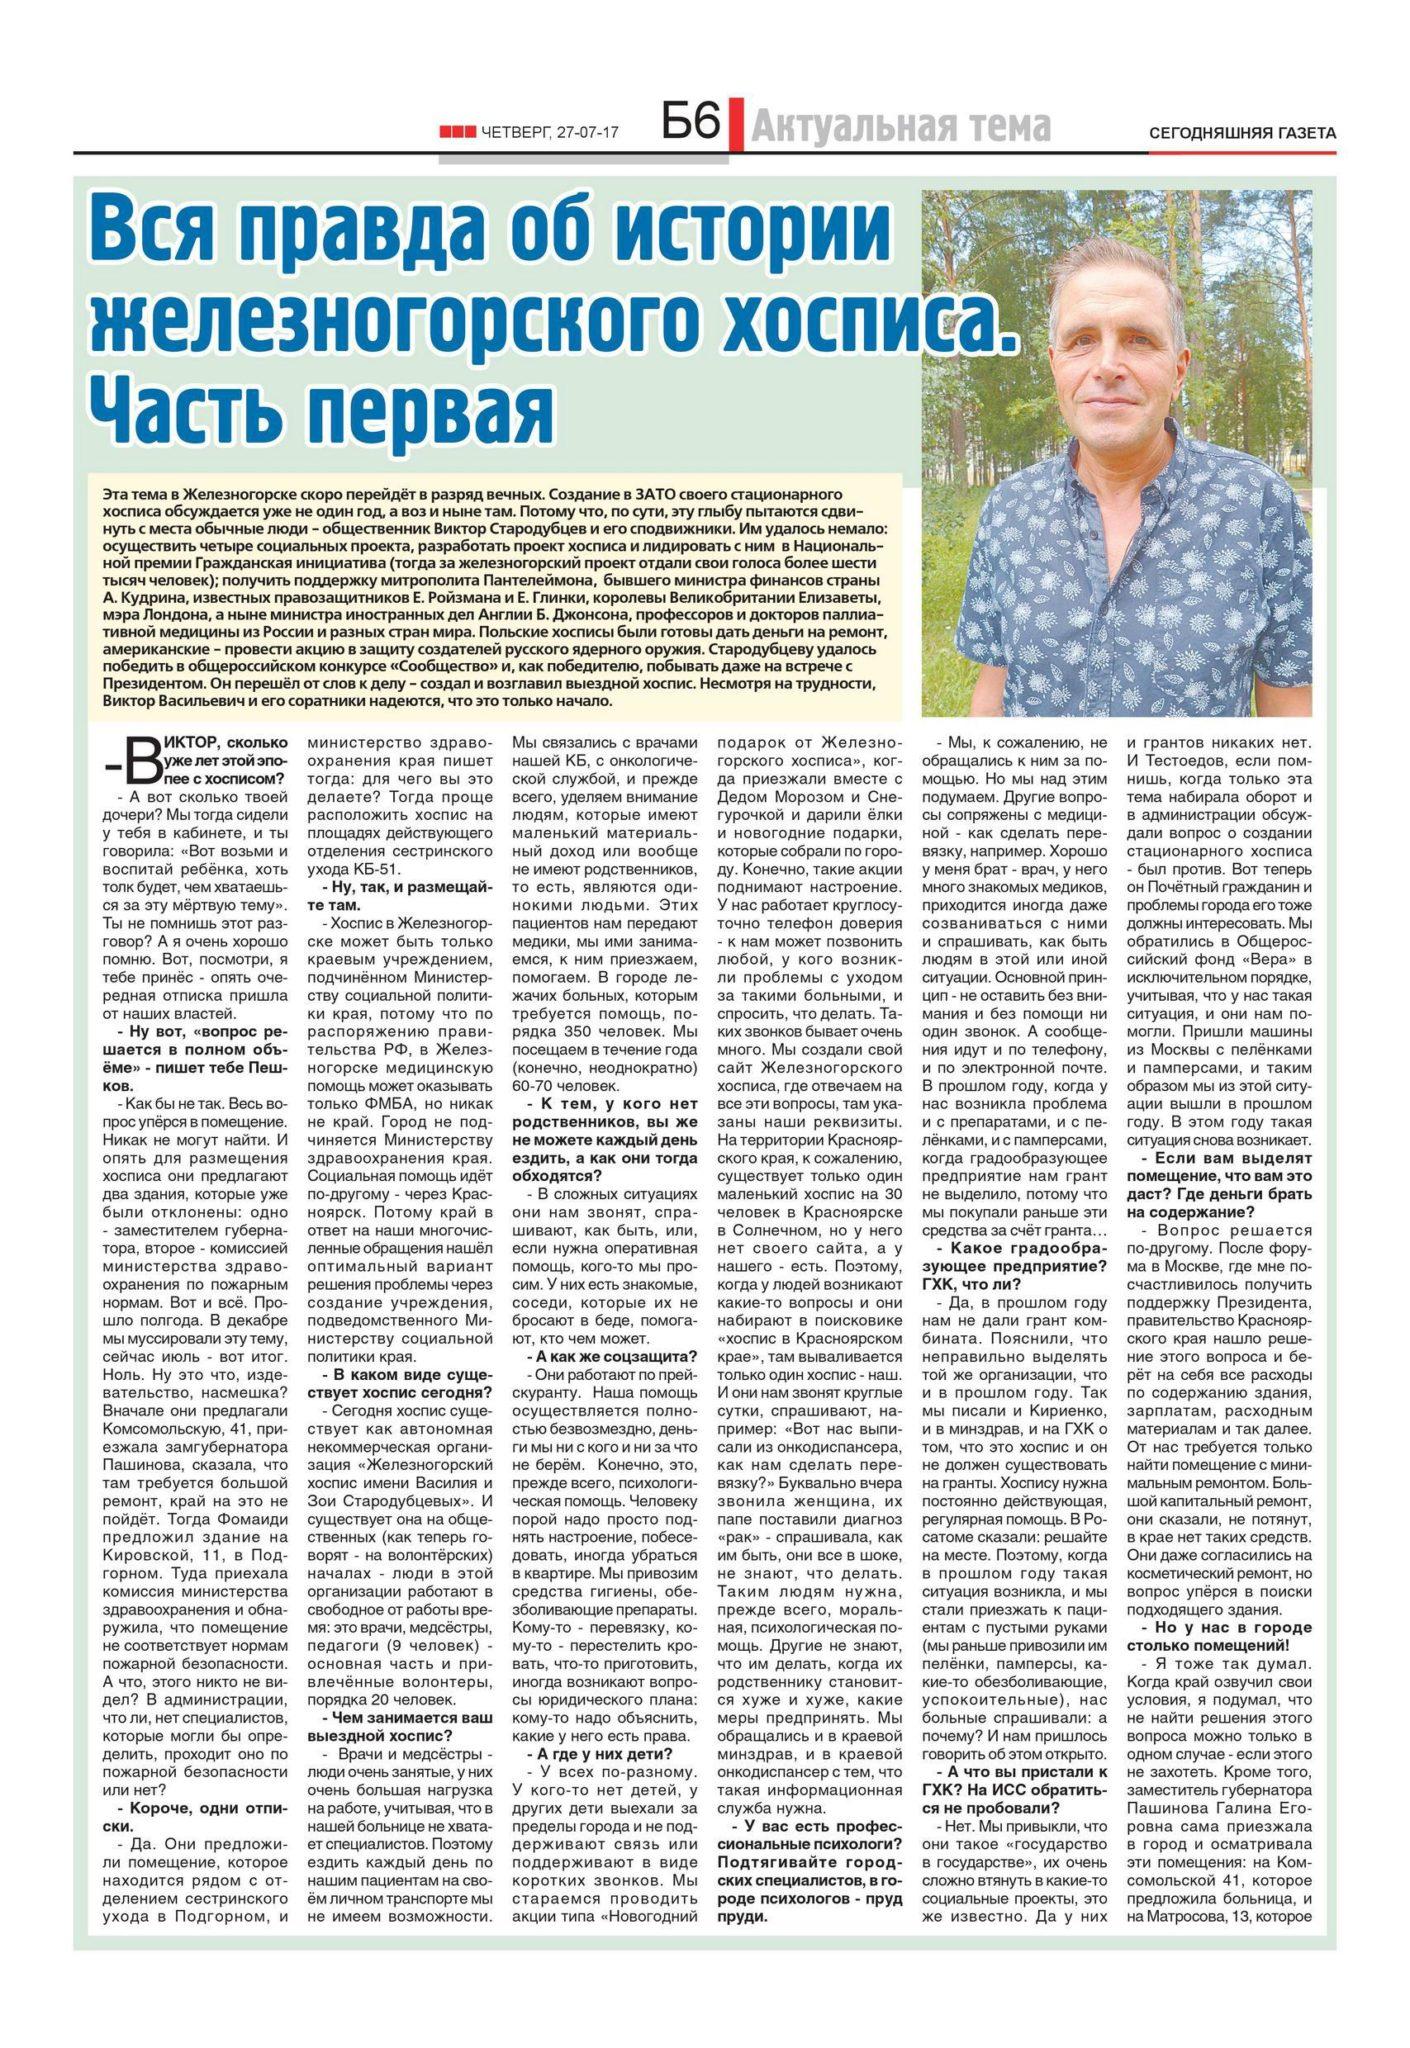 Большое интервью в «Сегодняшней Газете-26» от 27.07.2017